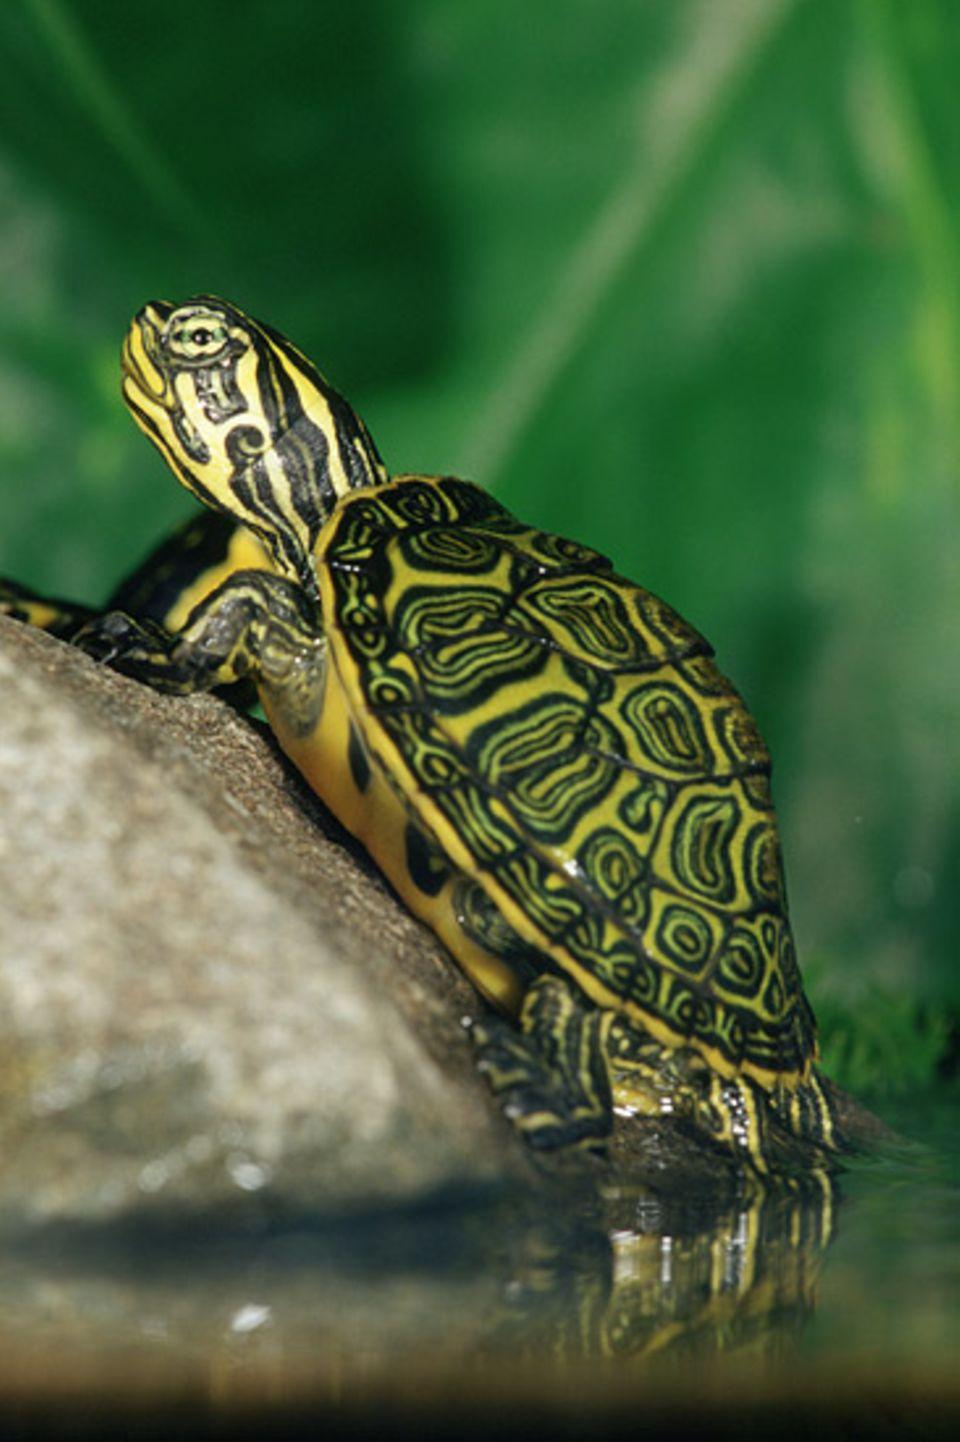 Tierkinder: Ein Sumpfschildkrötenjunges wärmt sich in der Sonne